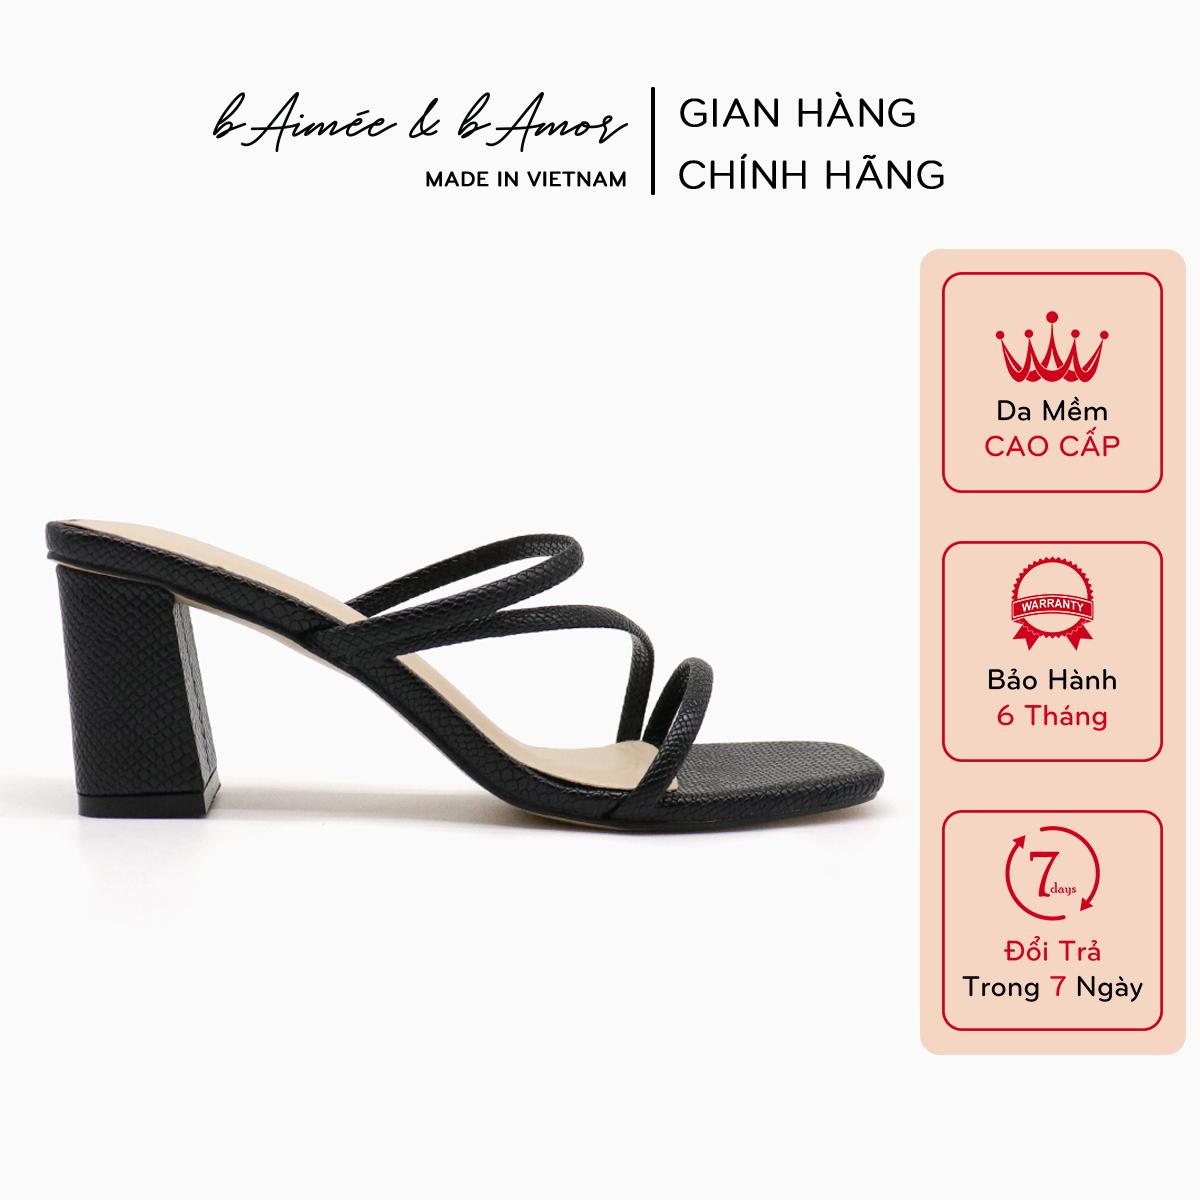 Giày cao gót sandal nữ 7p đẹp thời trang đế vuông dây mảnh mũi vuông cao cấp bAimée & bAmor...